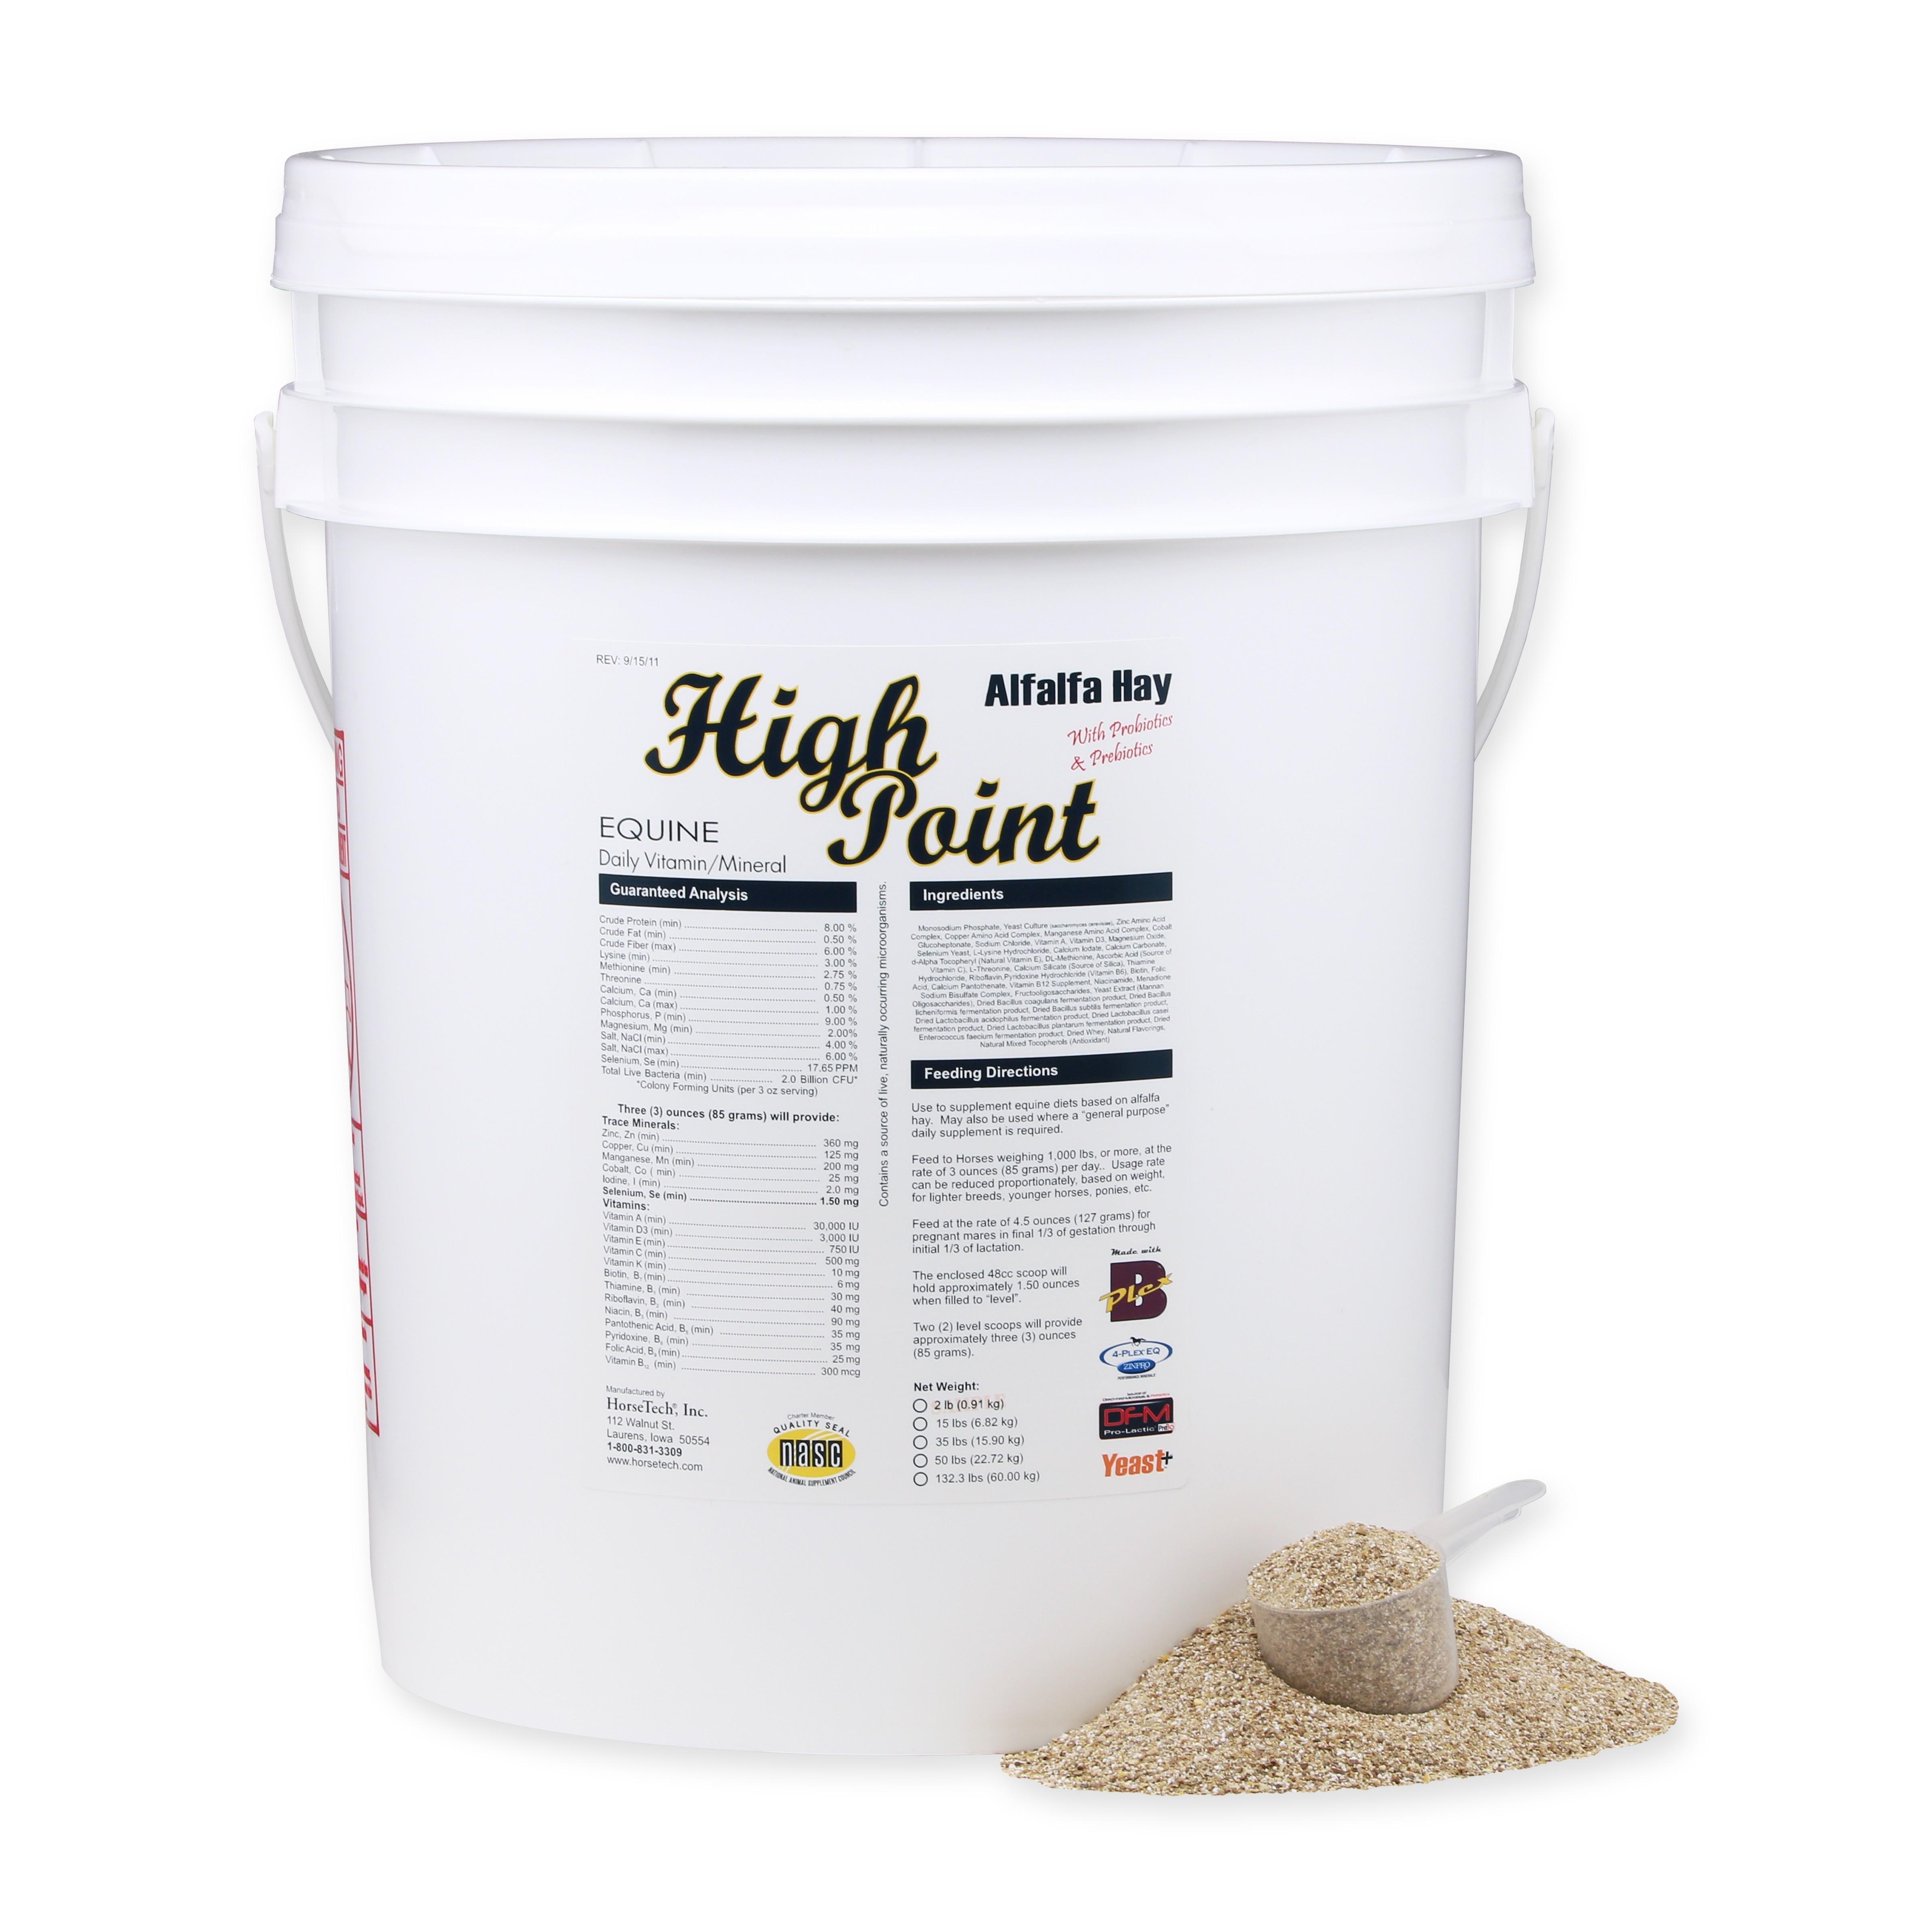 High Point-Alfalfa